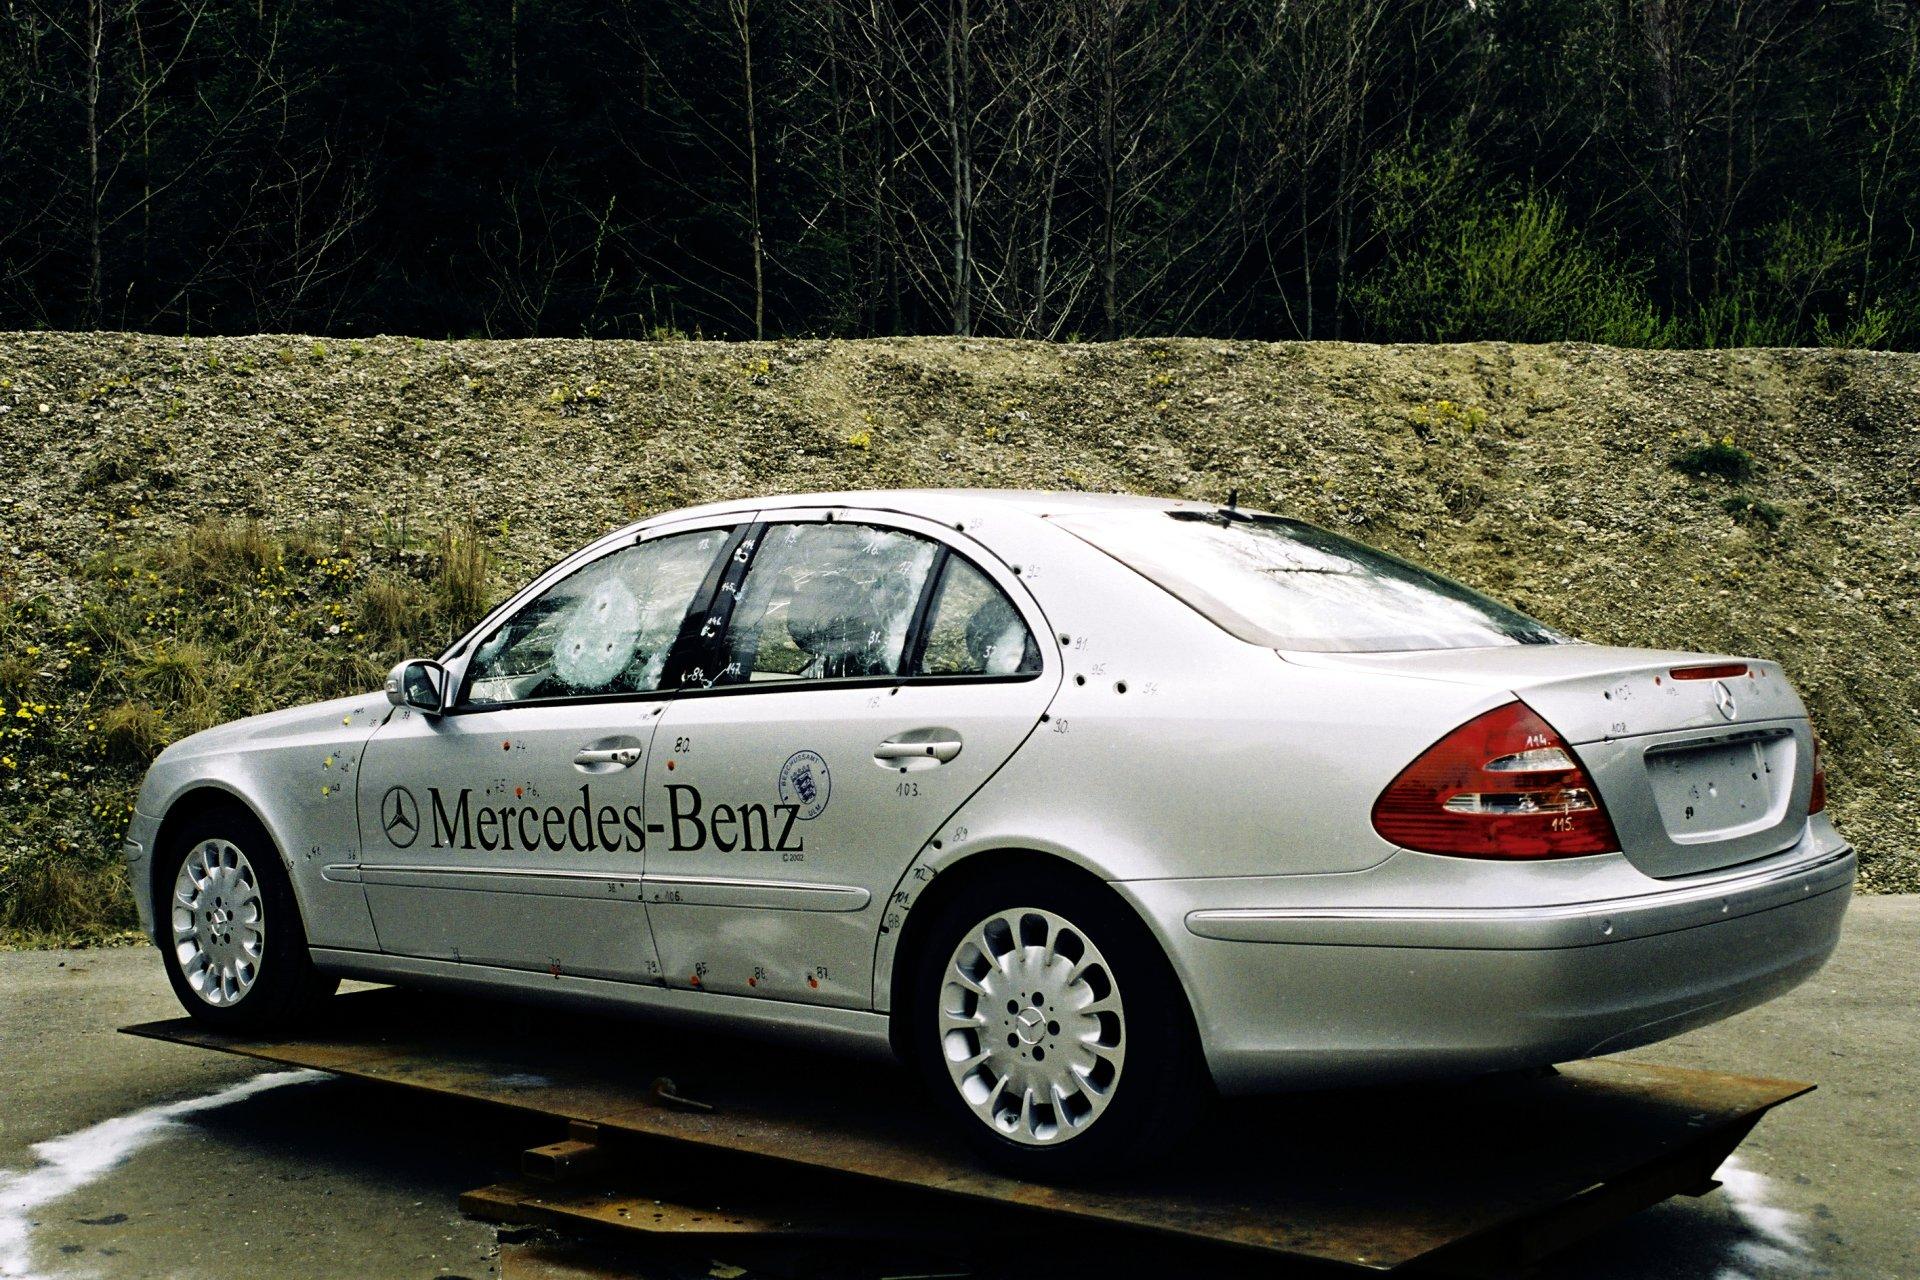 出典:http://www.carsarmored.org/